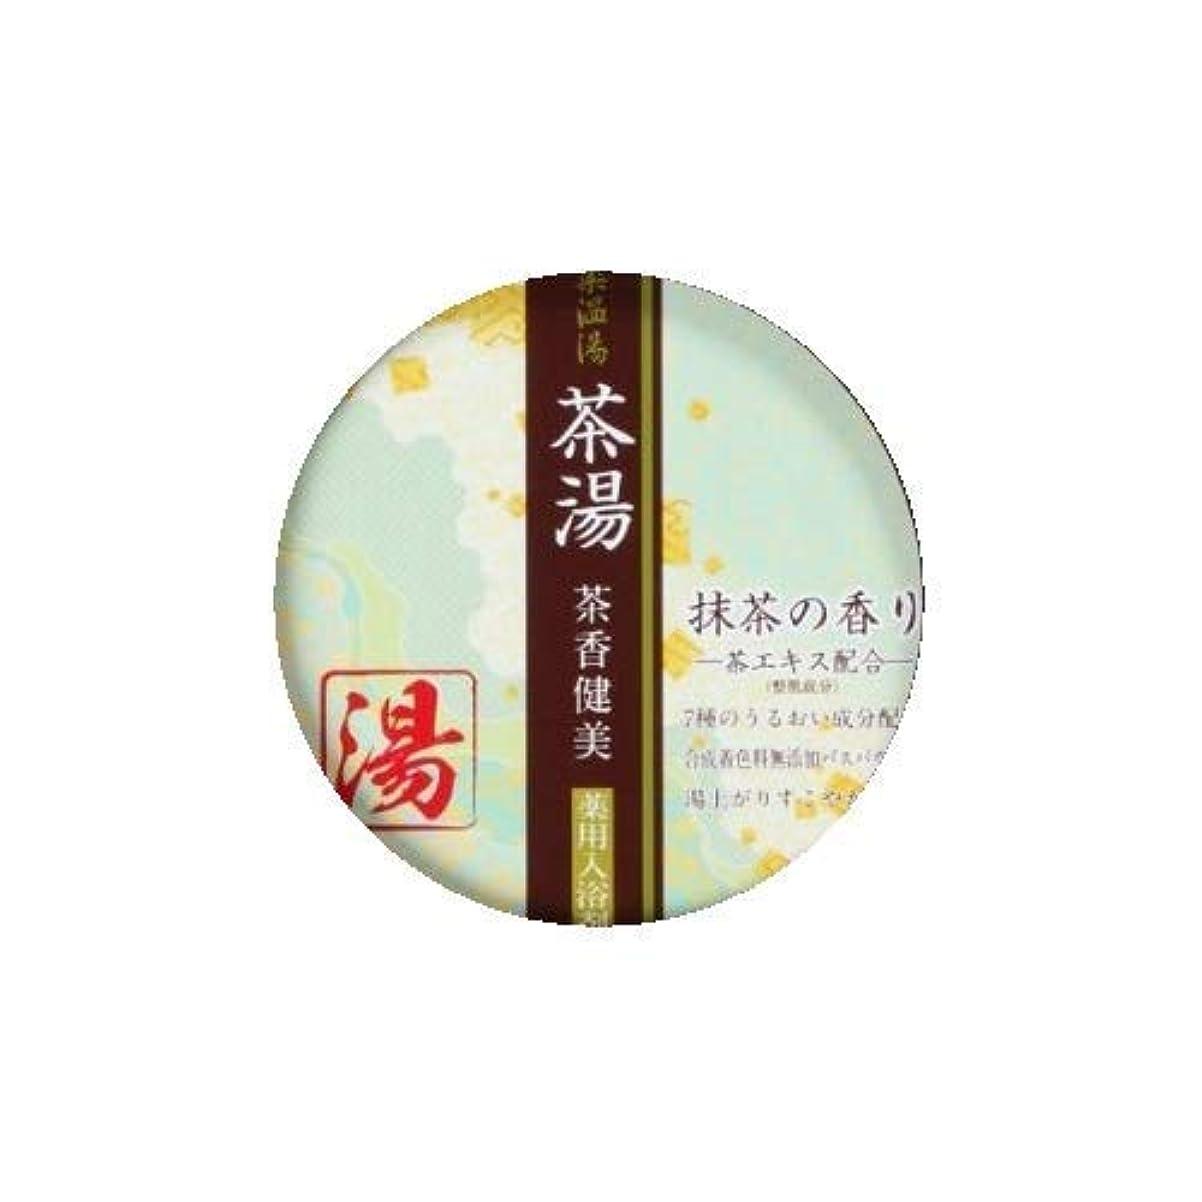 個人的に一口研究所薬温湯 茶湯 入浴料 抹茶の香り POF-10M